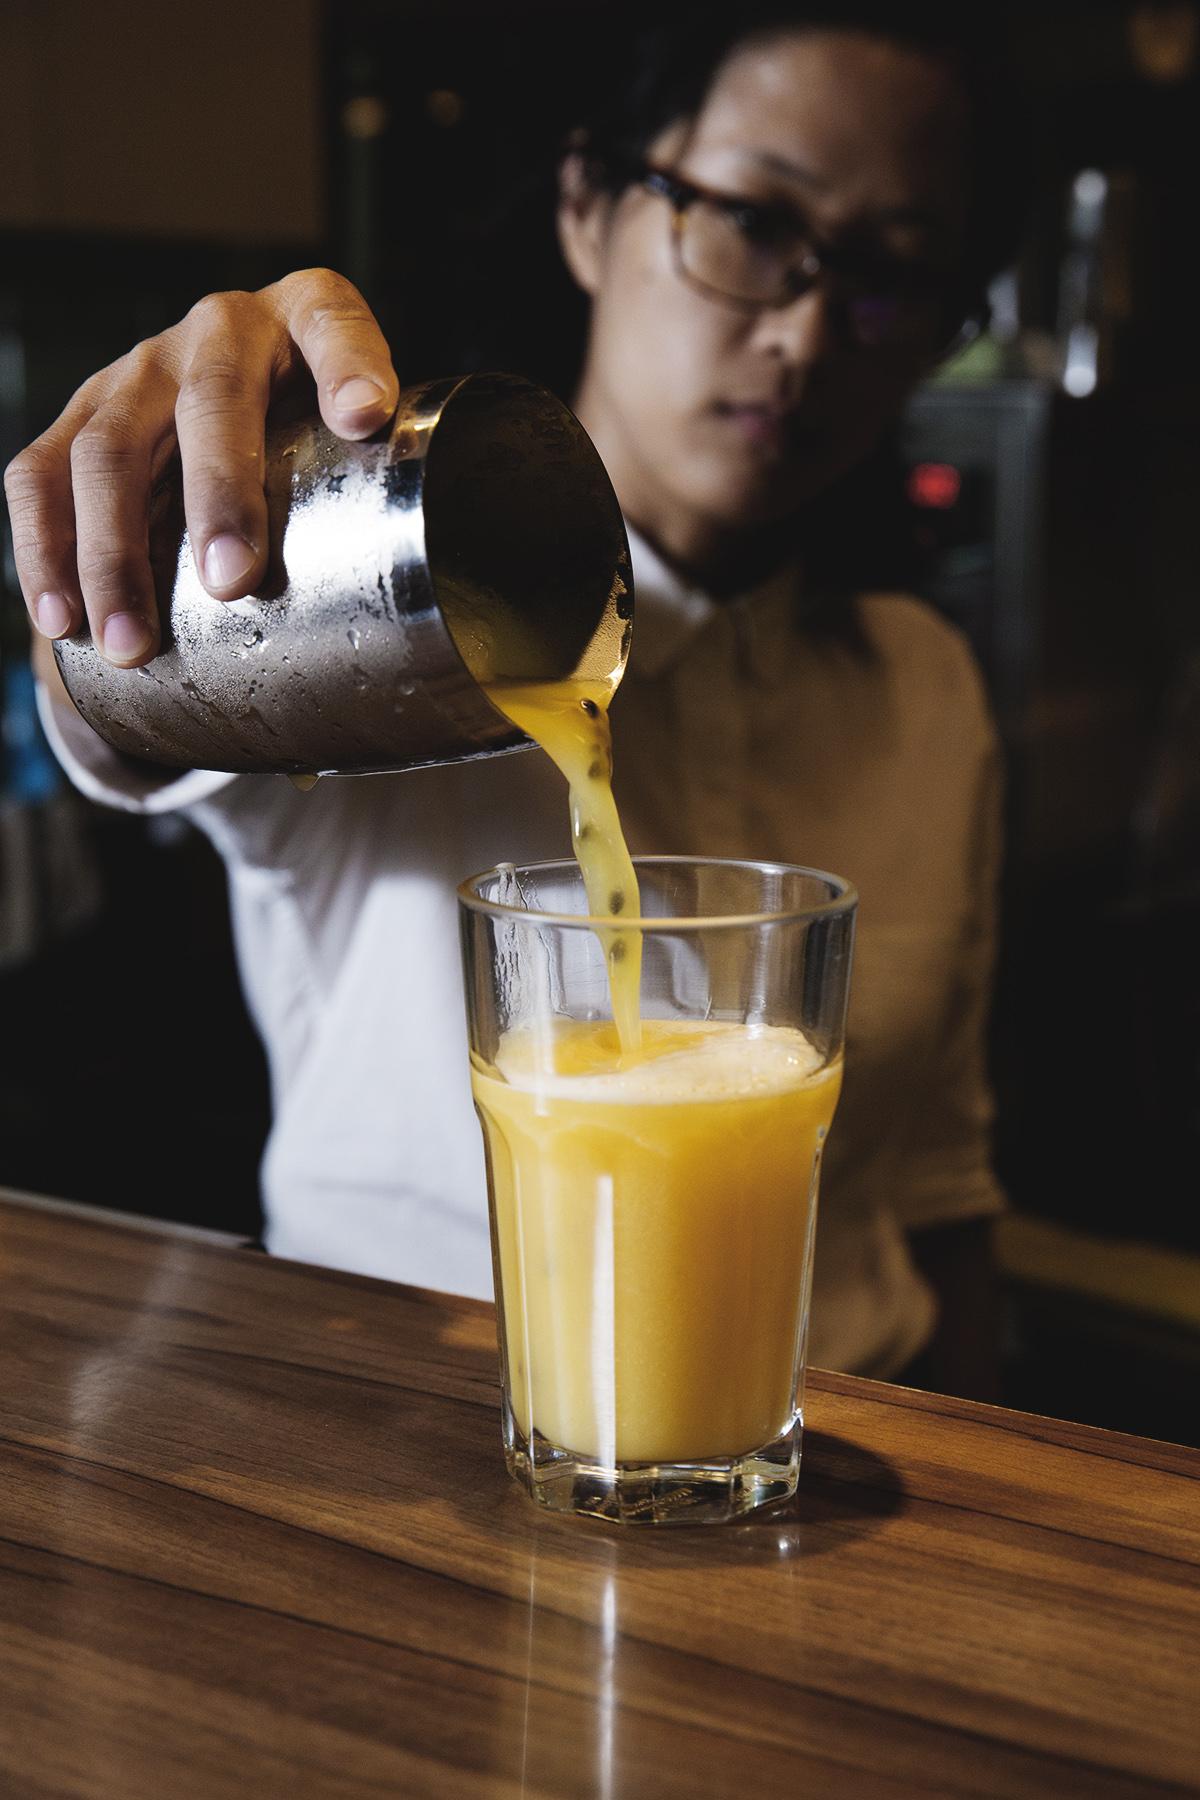 豆腐水果茶 製作手工豆腐過程中產生的天然鹼性豆腐水,有股淡淡的大豆香氣,加入純百香果一起攪拌,酸酸甜甜的清爽感是夏天必喝的消暑聖品! | 甘樂食堂下午茶 | 古厝裡的美味時光